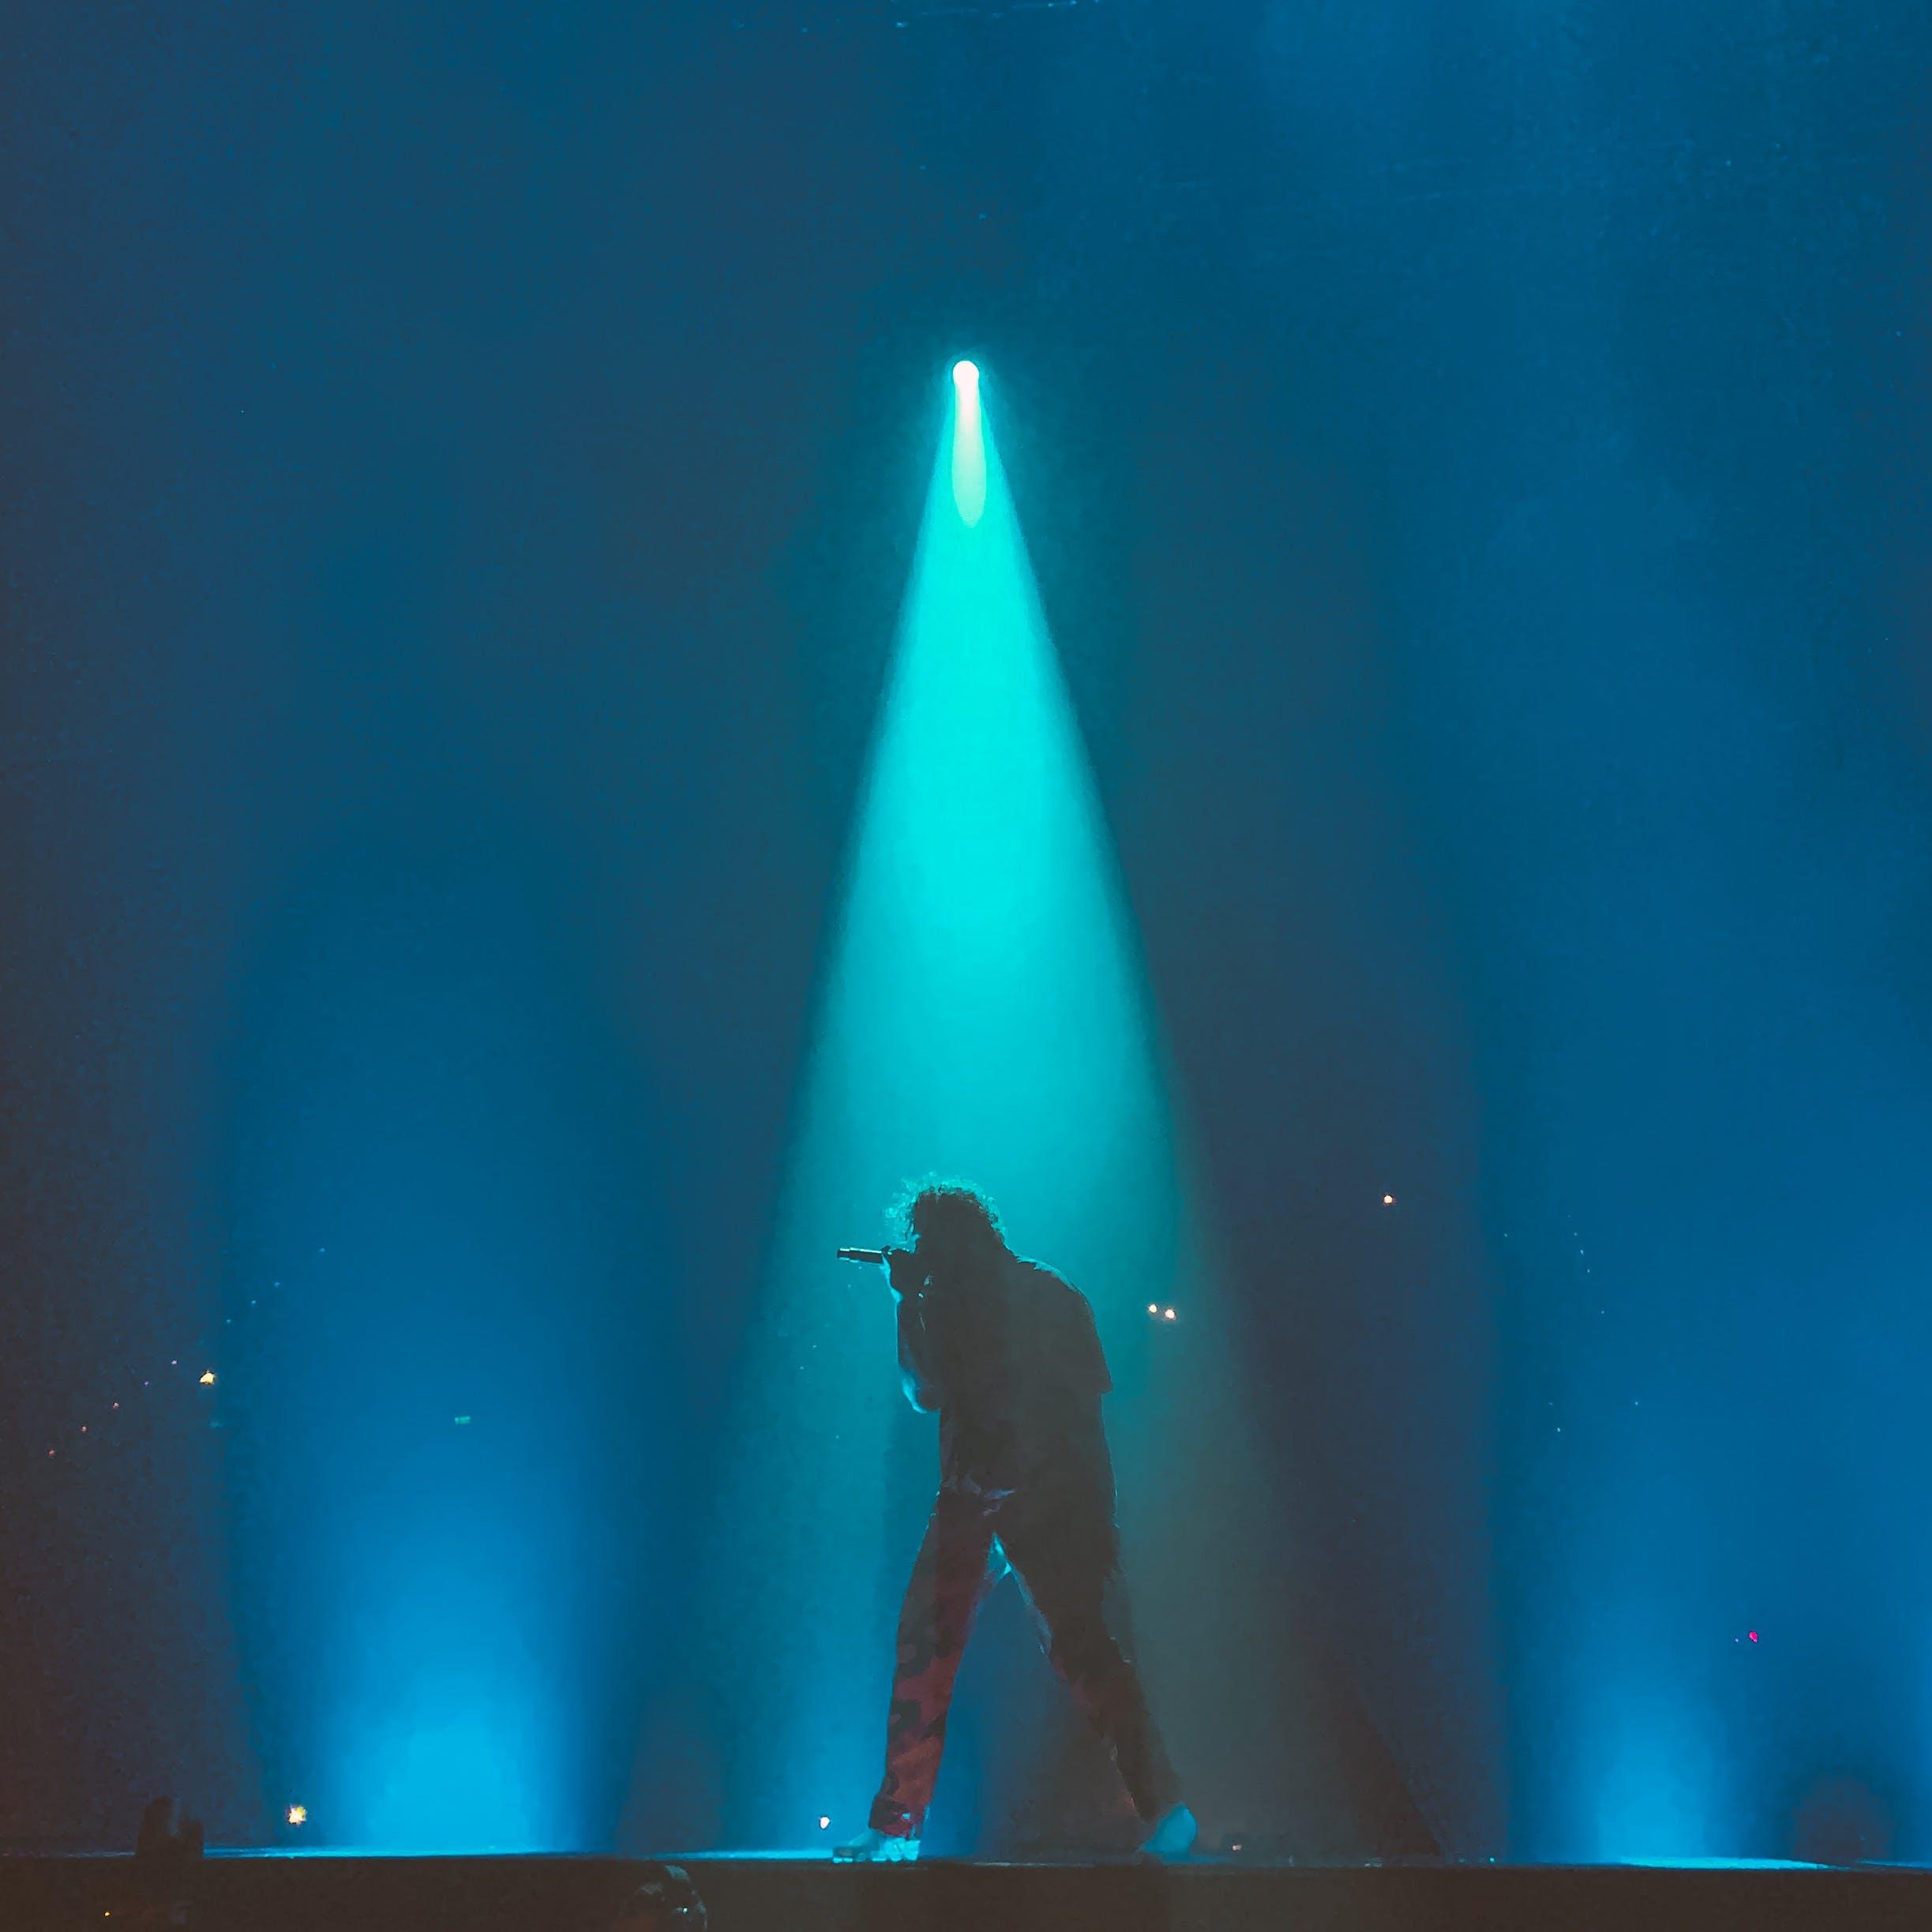 Immagine gratuita di cantante, concerto, energia, faretto